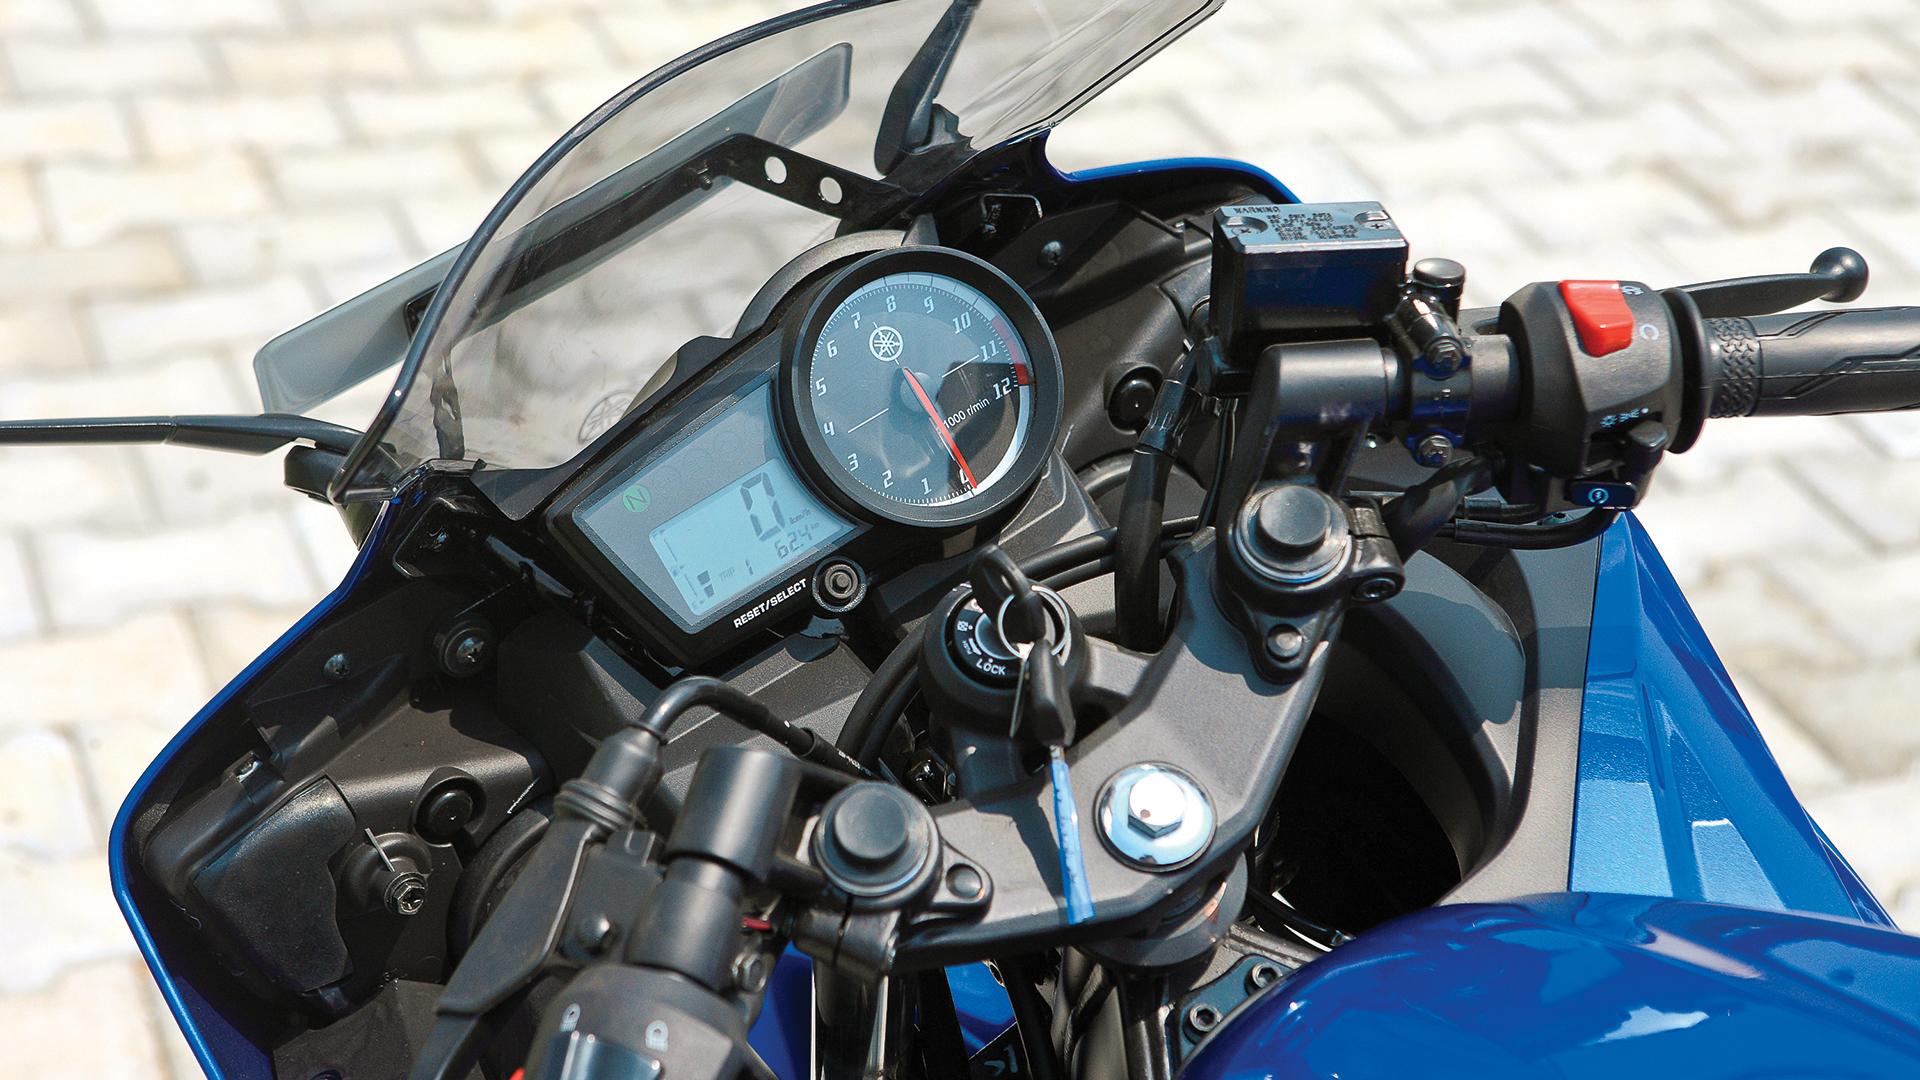 Yamaha YZF-R15 v2.0 2013 STD Compare